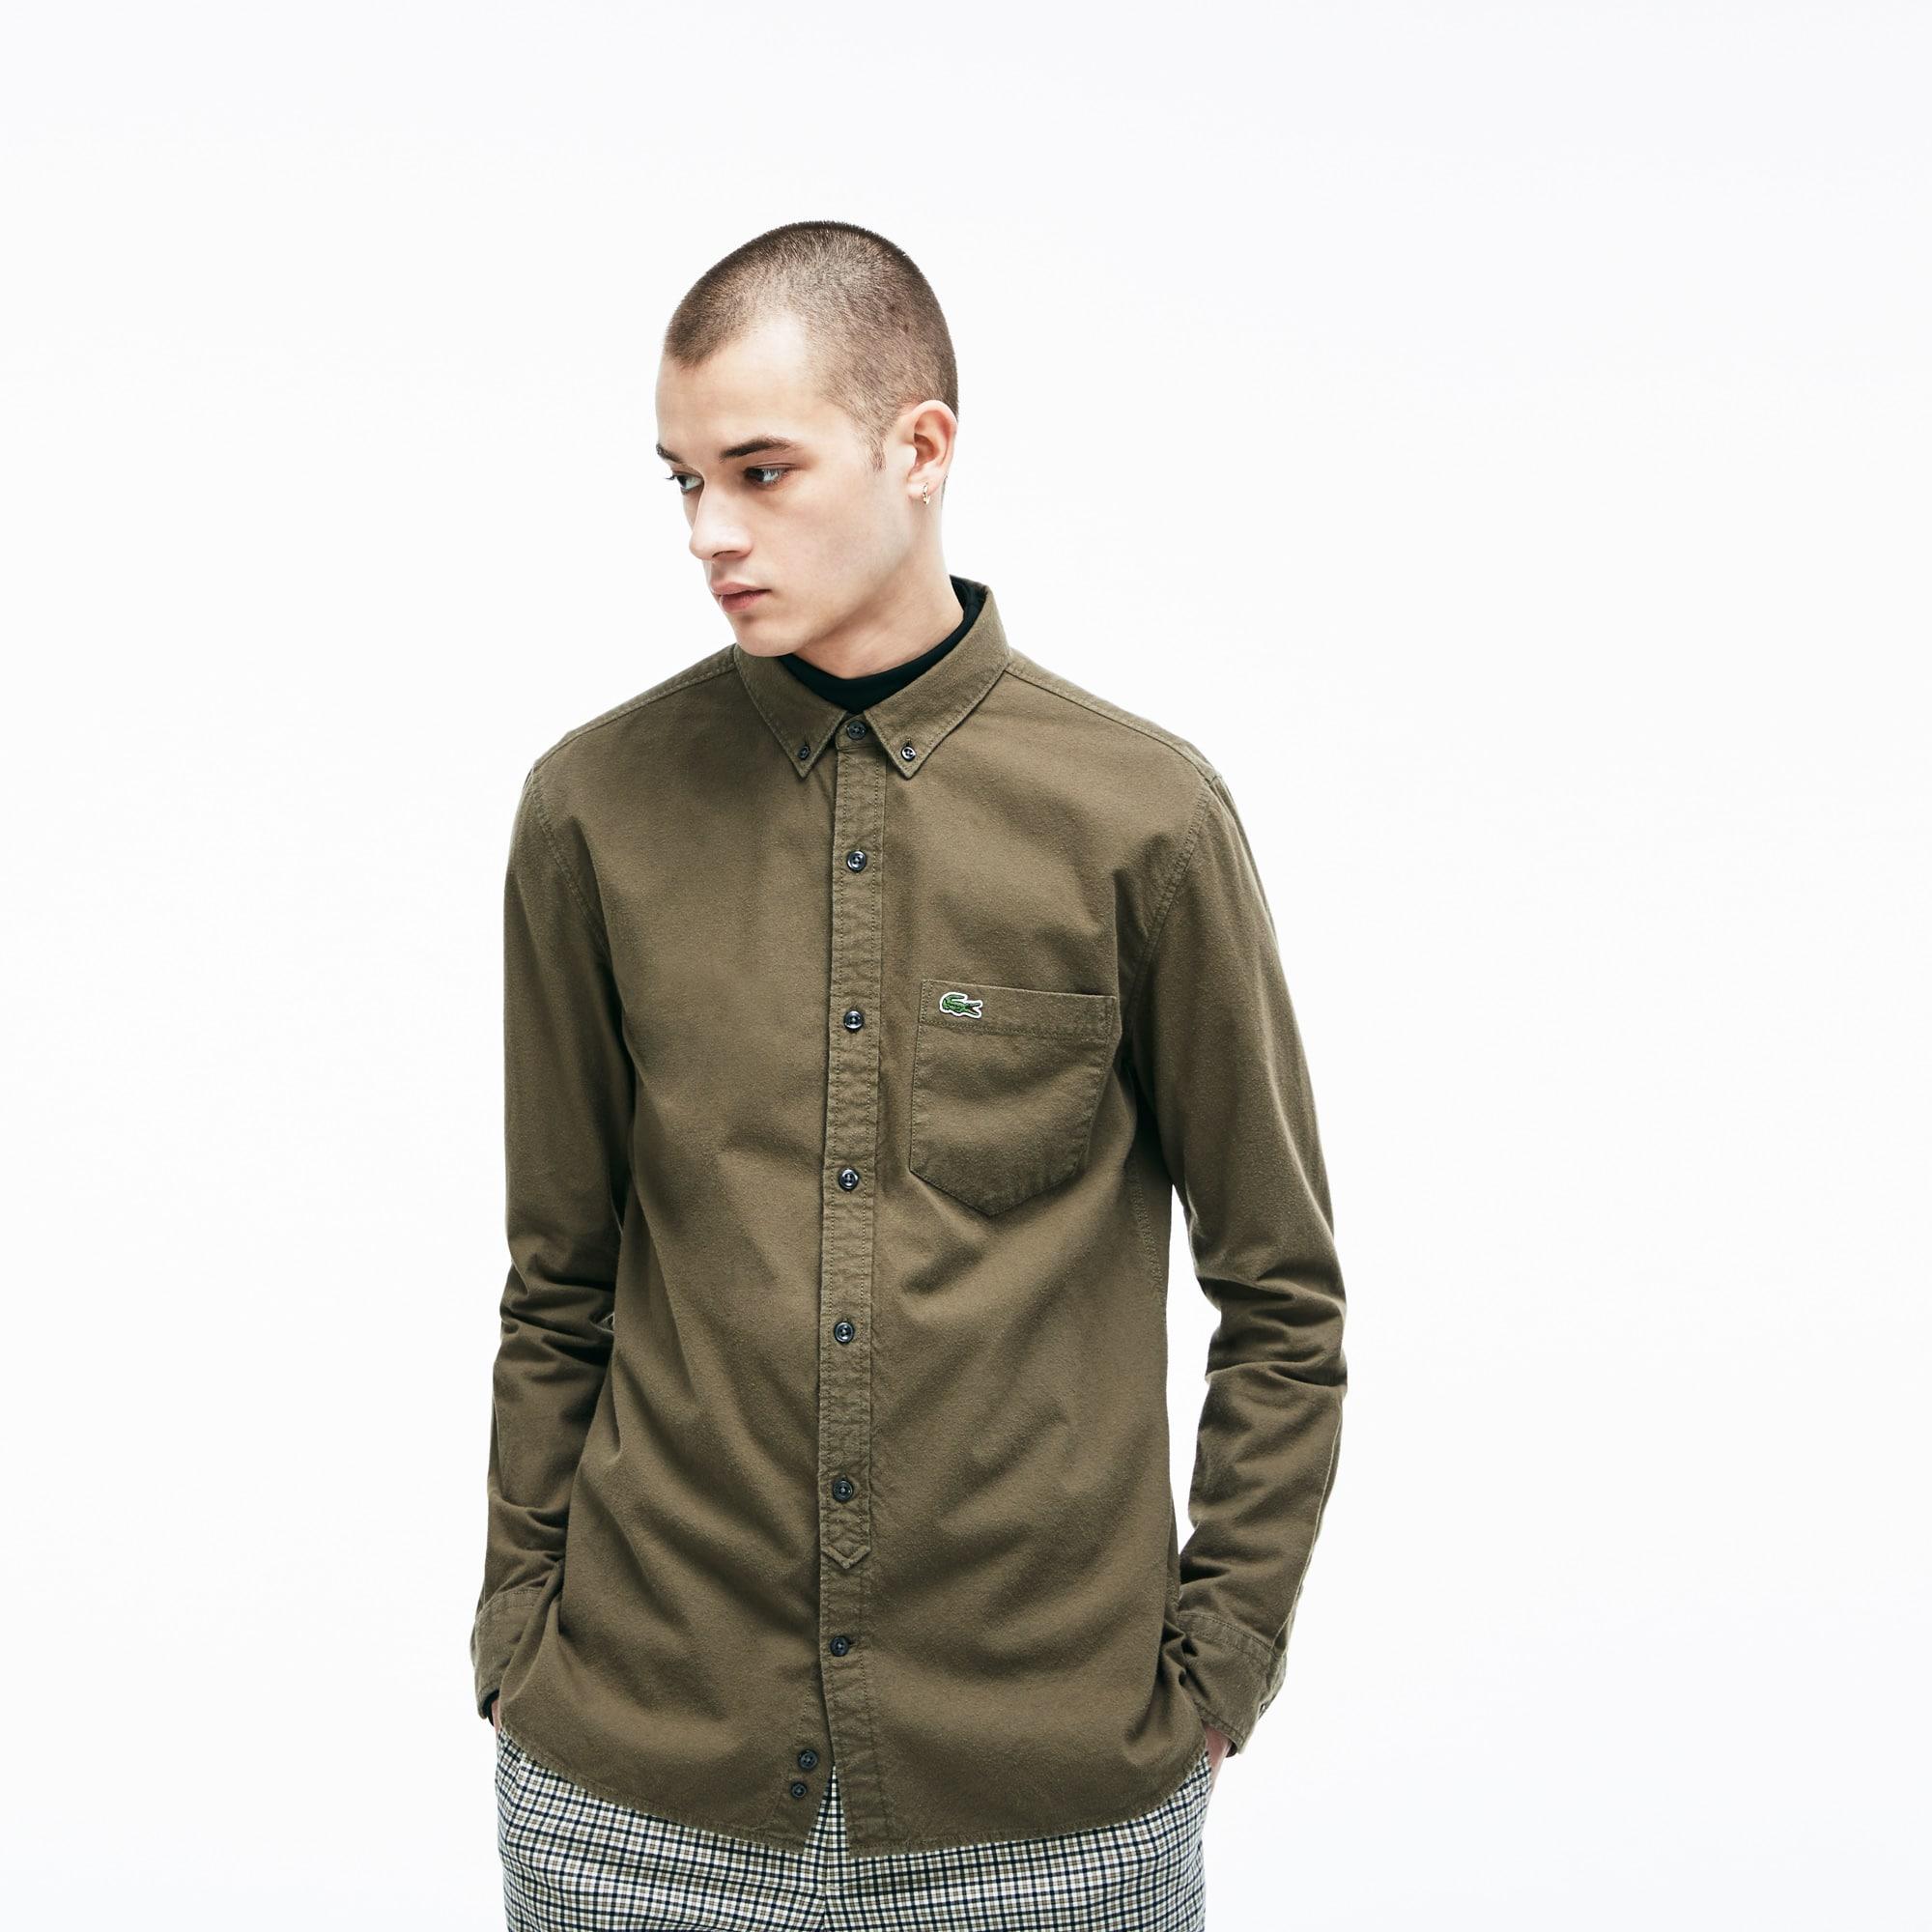 Camisa Skinny fit Lacoste LIVE em algodão oxford unicolor